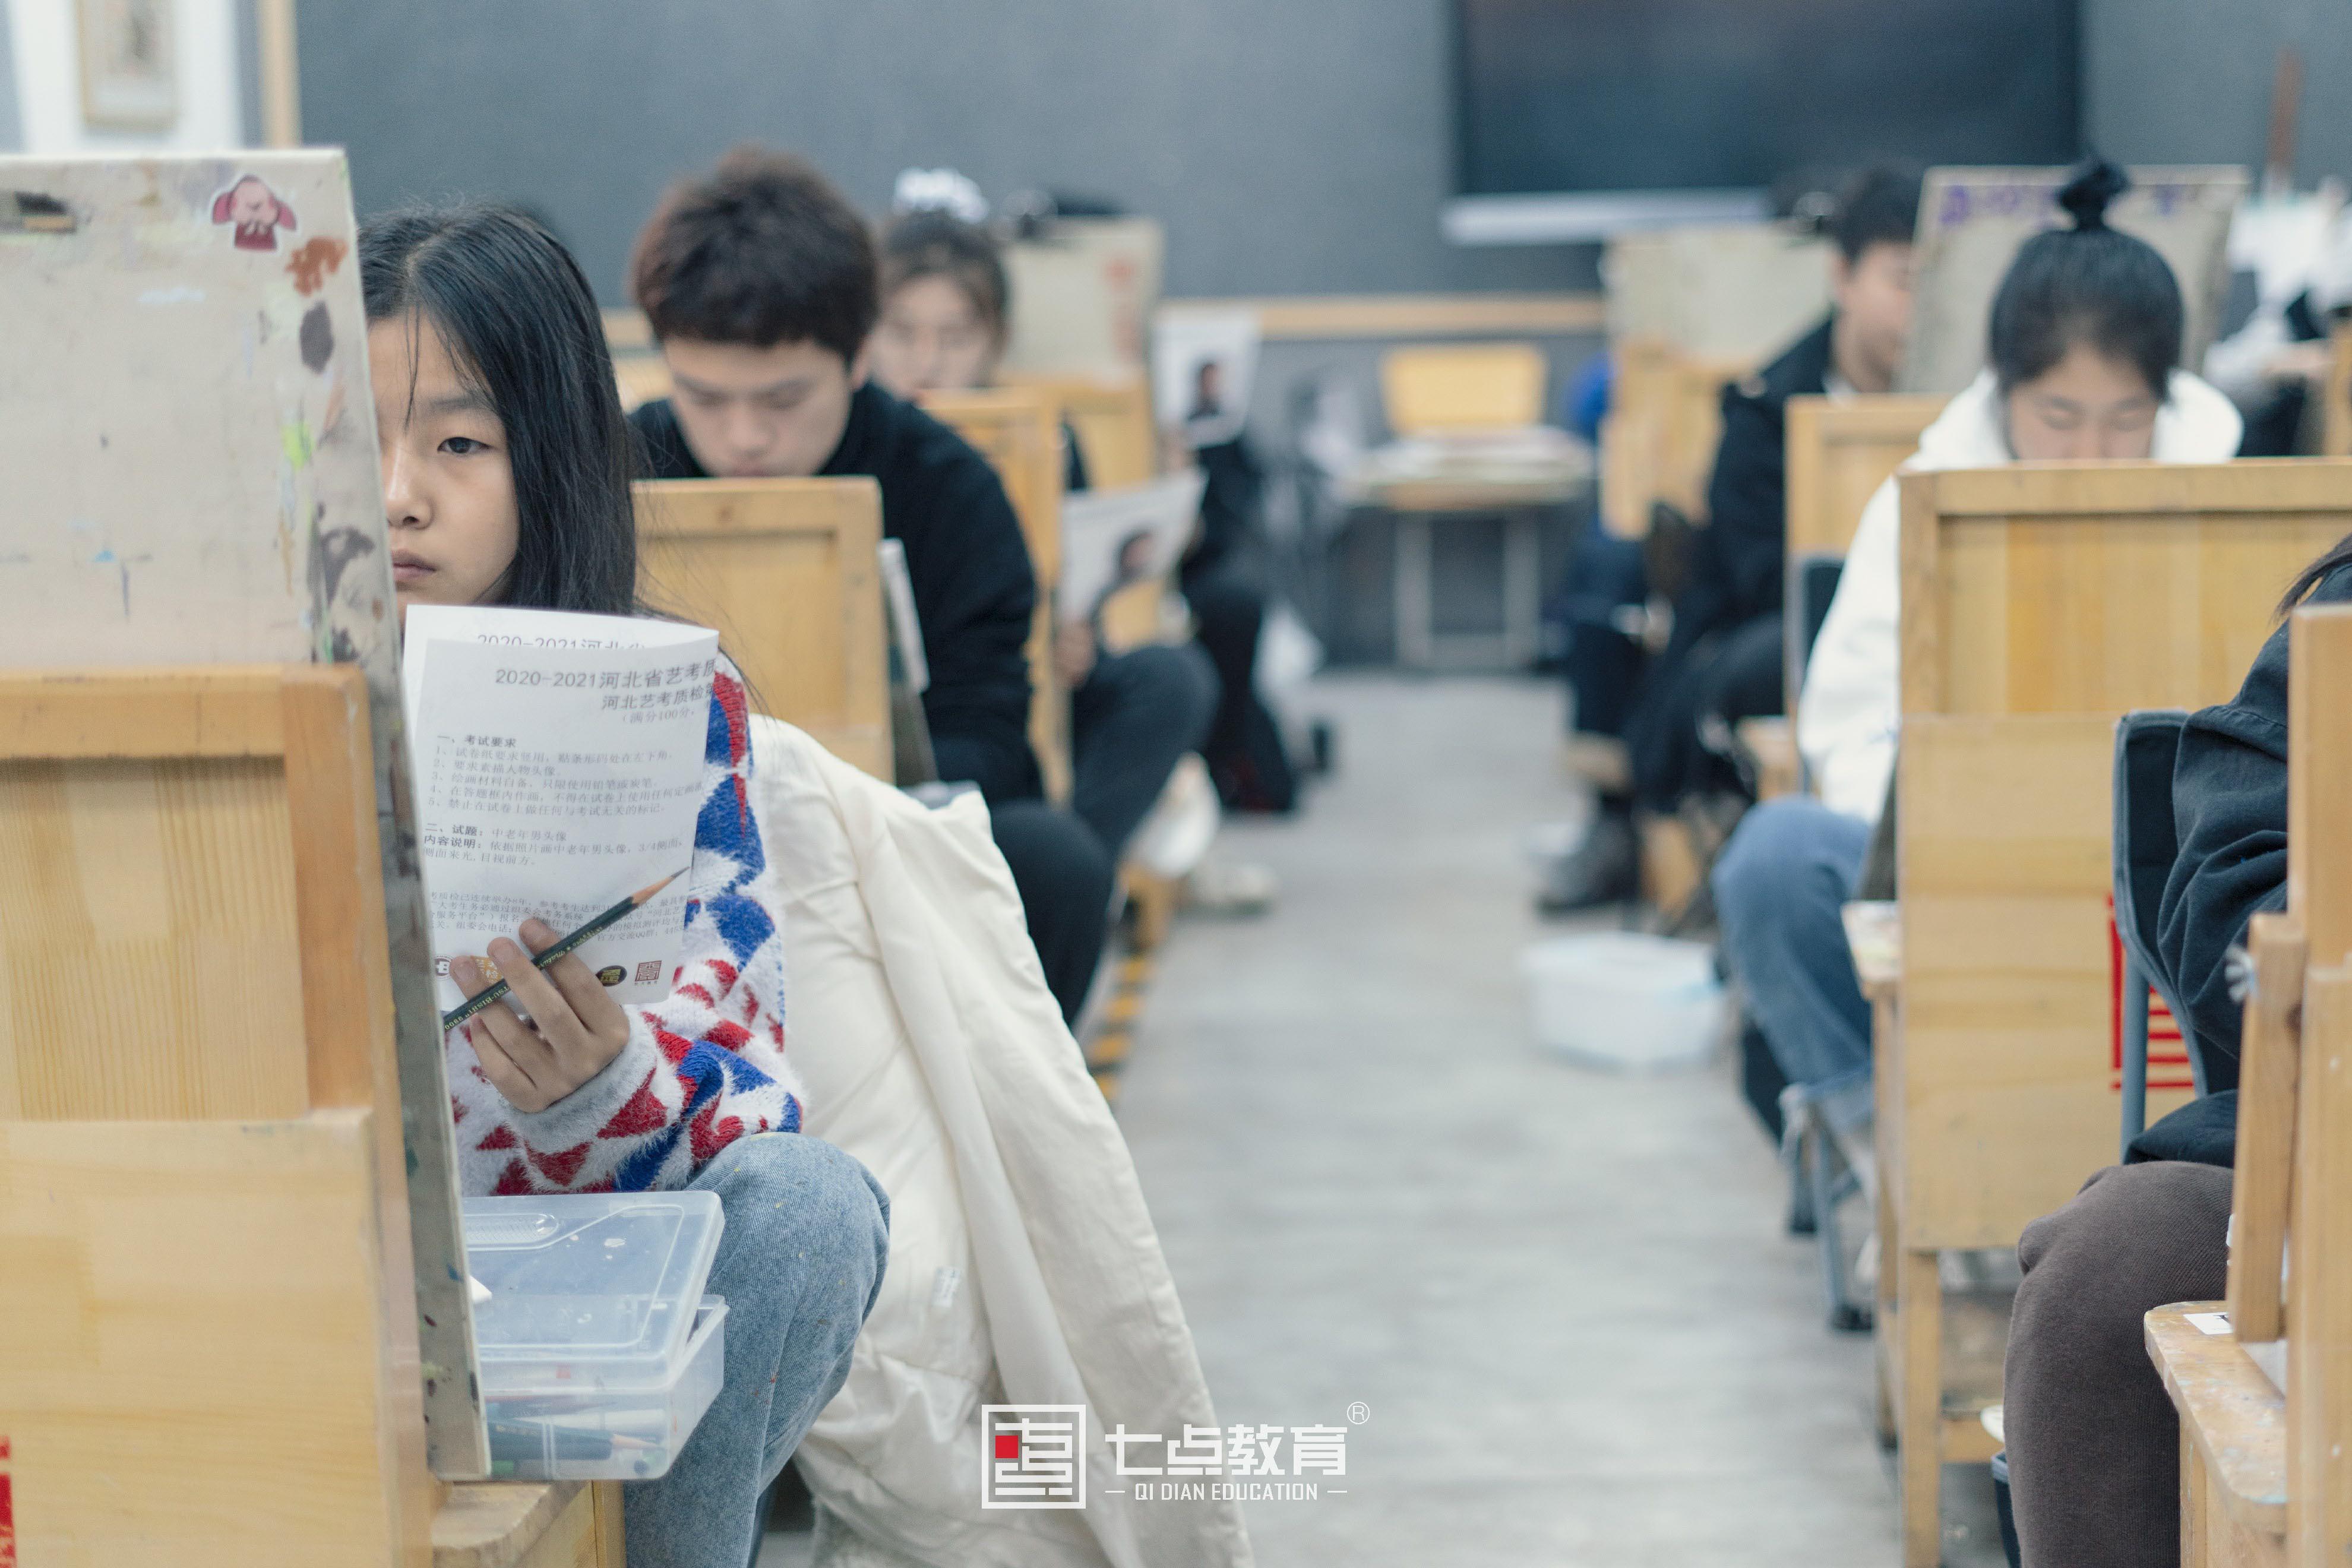 七点模拟考丨冬天的第一场考试,我们势在必得!